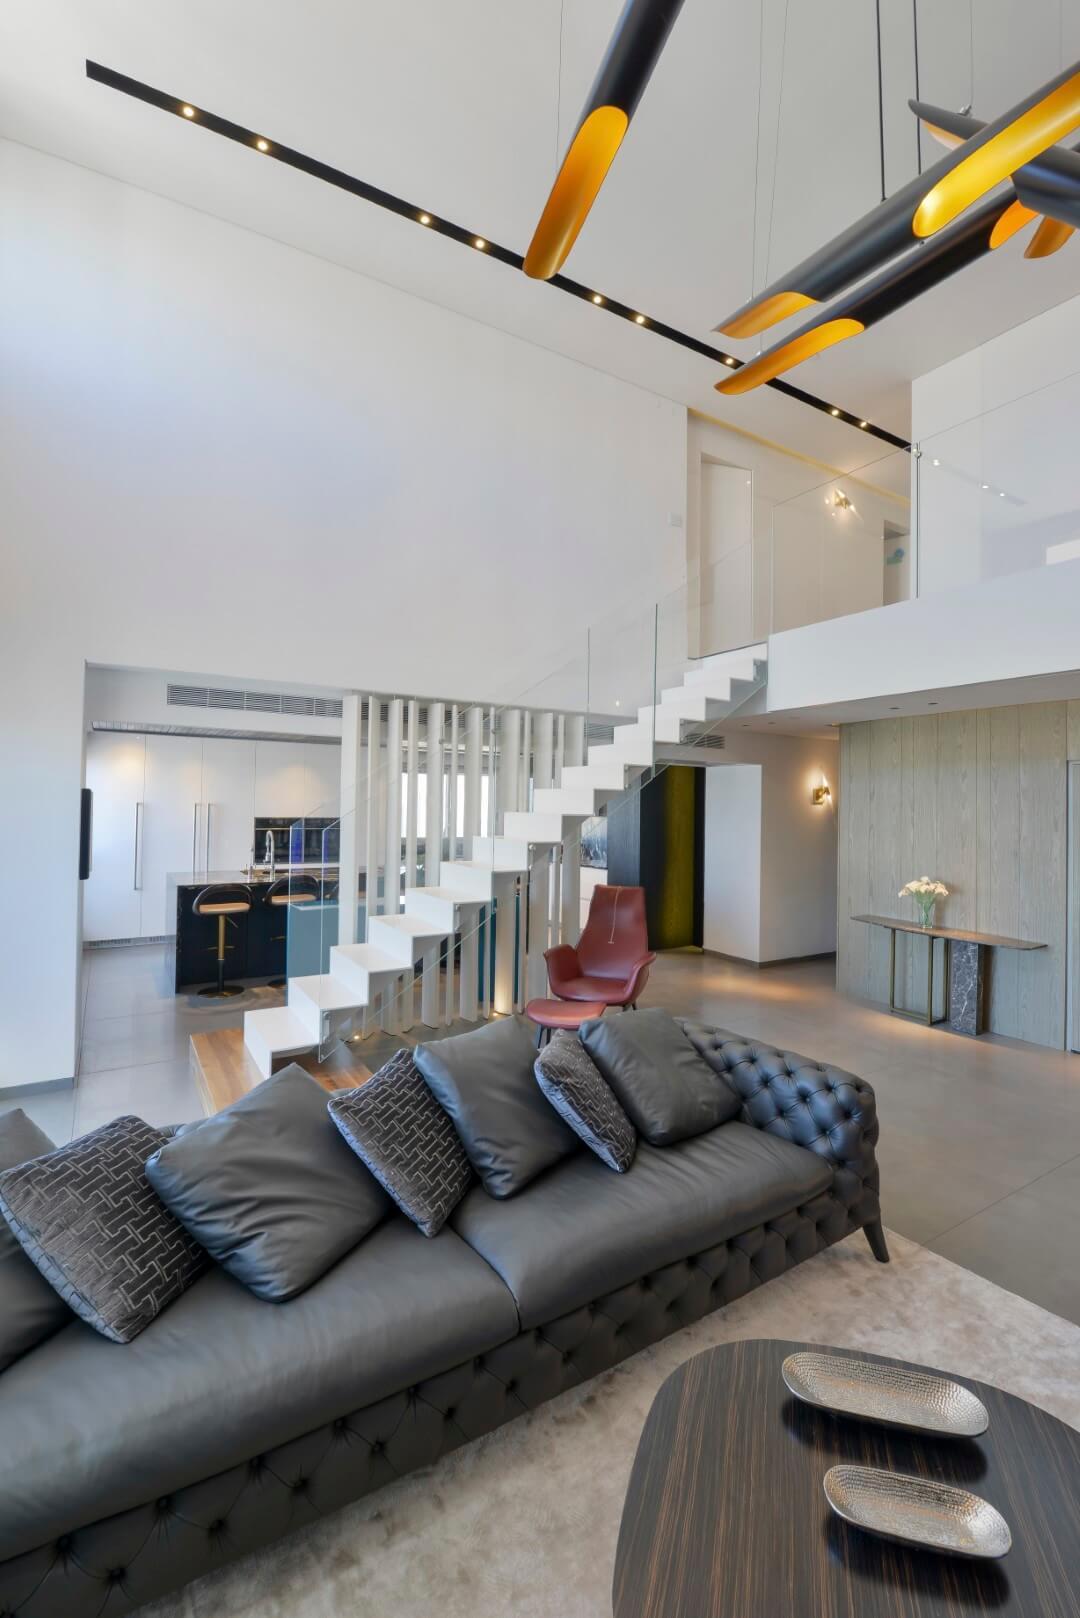 מבט מהסלון אל מדרגות הברזל המרחפות בצבע לבן שעולות אל הקומה השניה